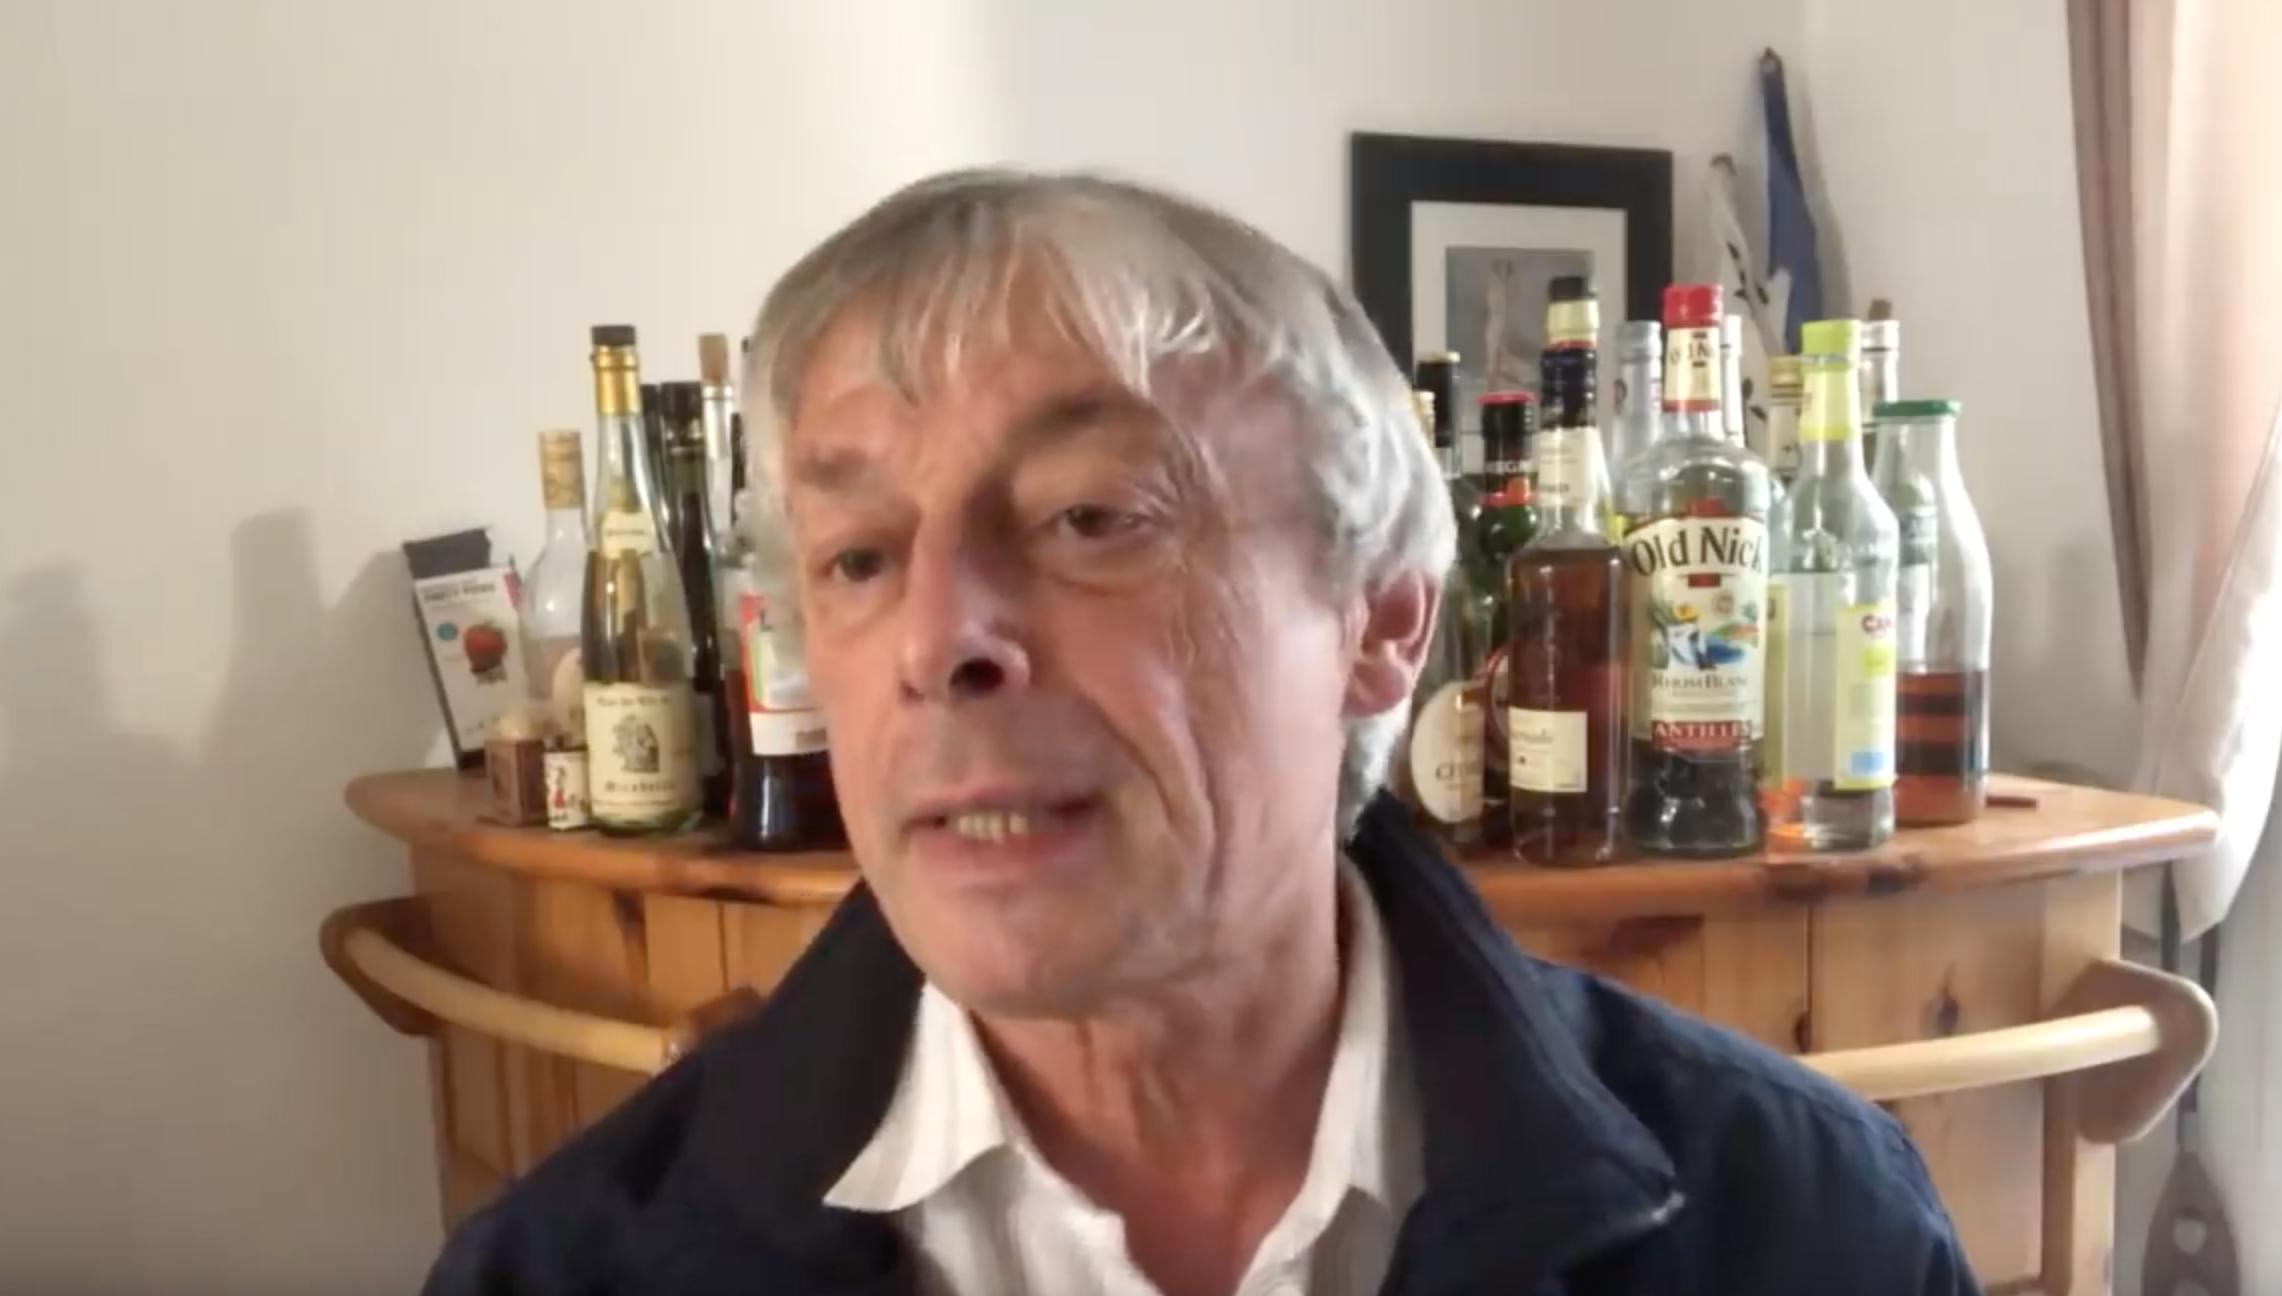 Pierre Cassen : vive le mois de janvier sans alcool, pour vivre vieux !